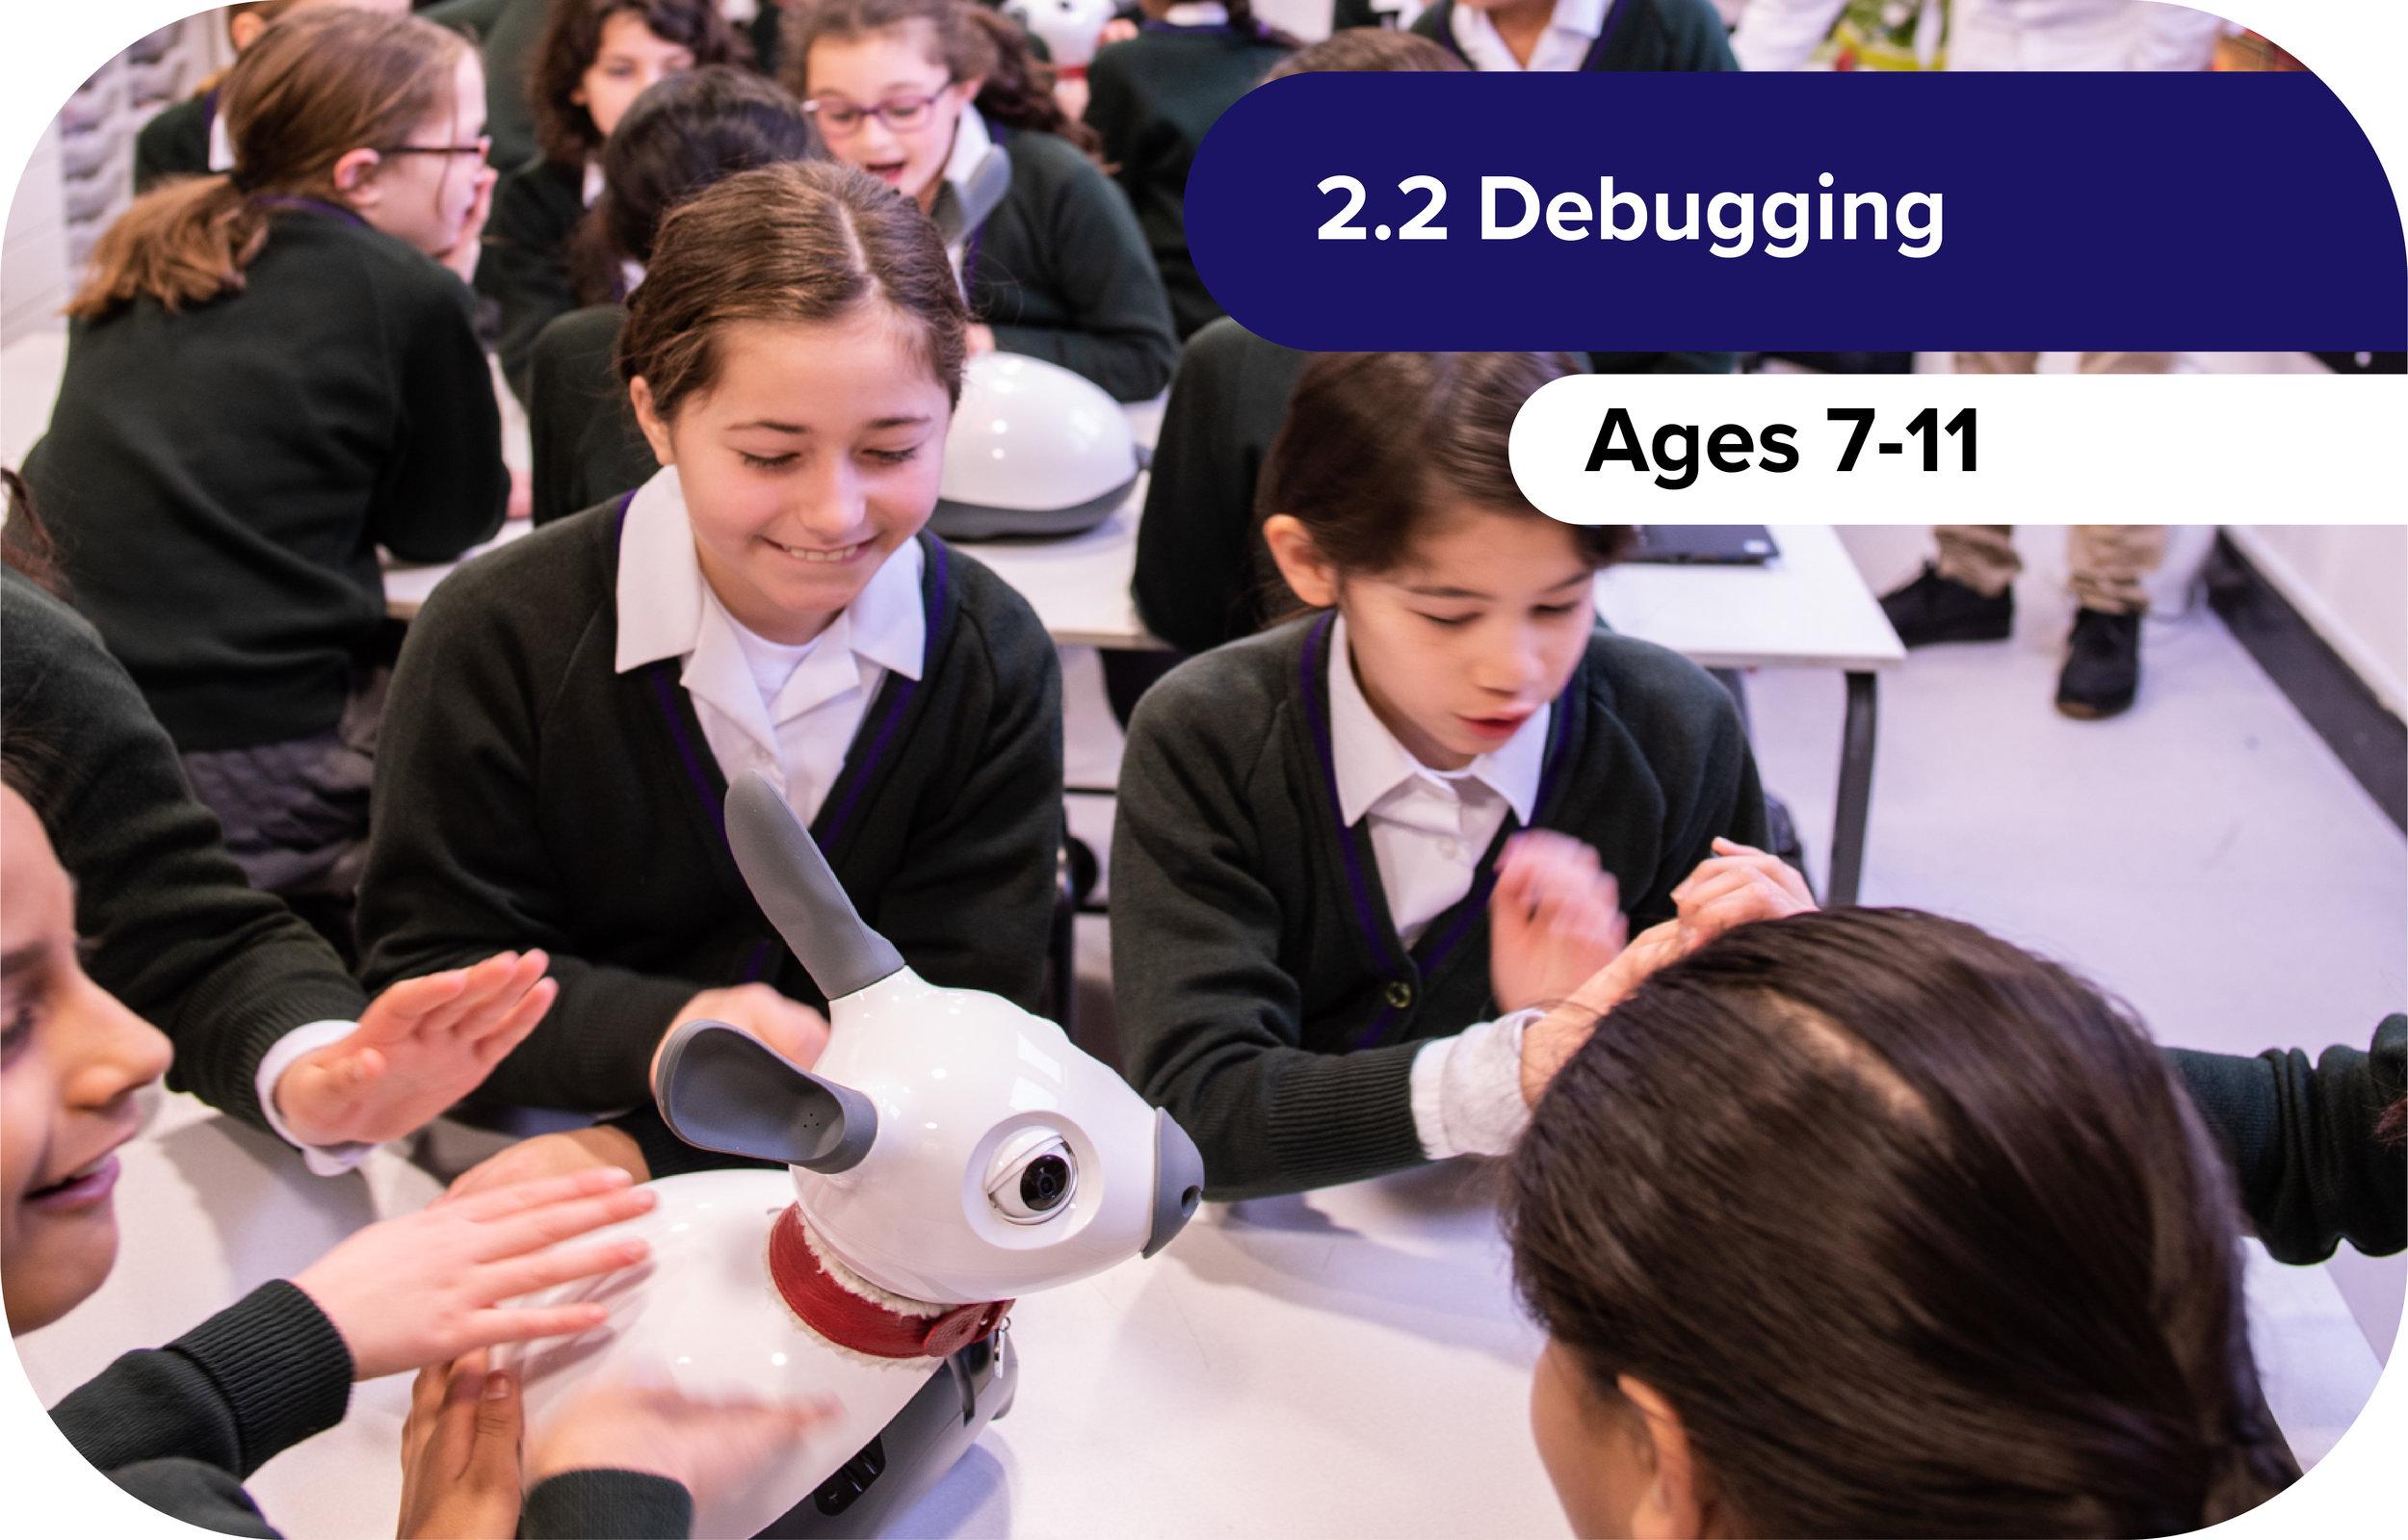 2.2 Debugging